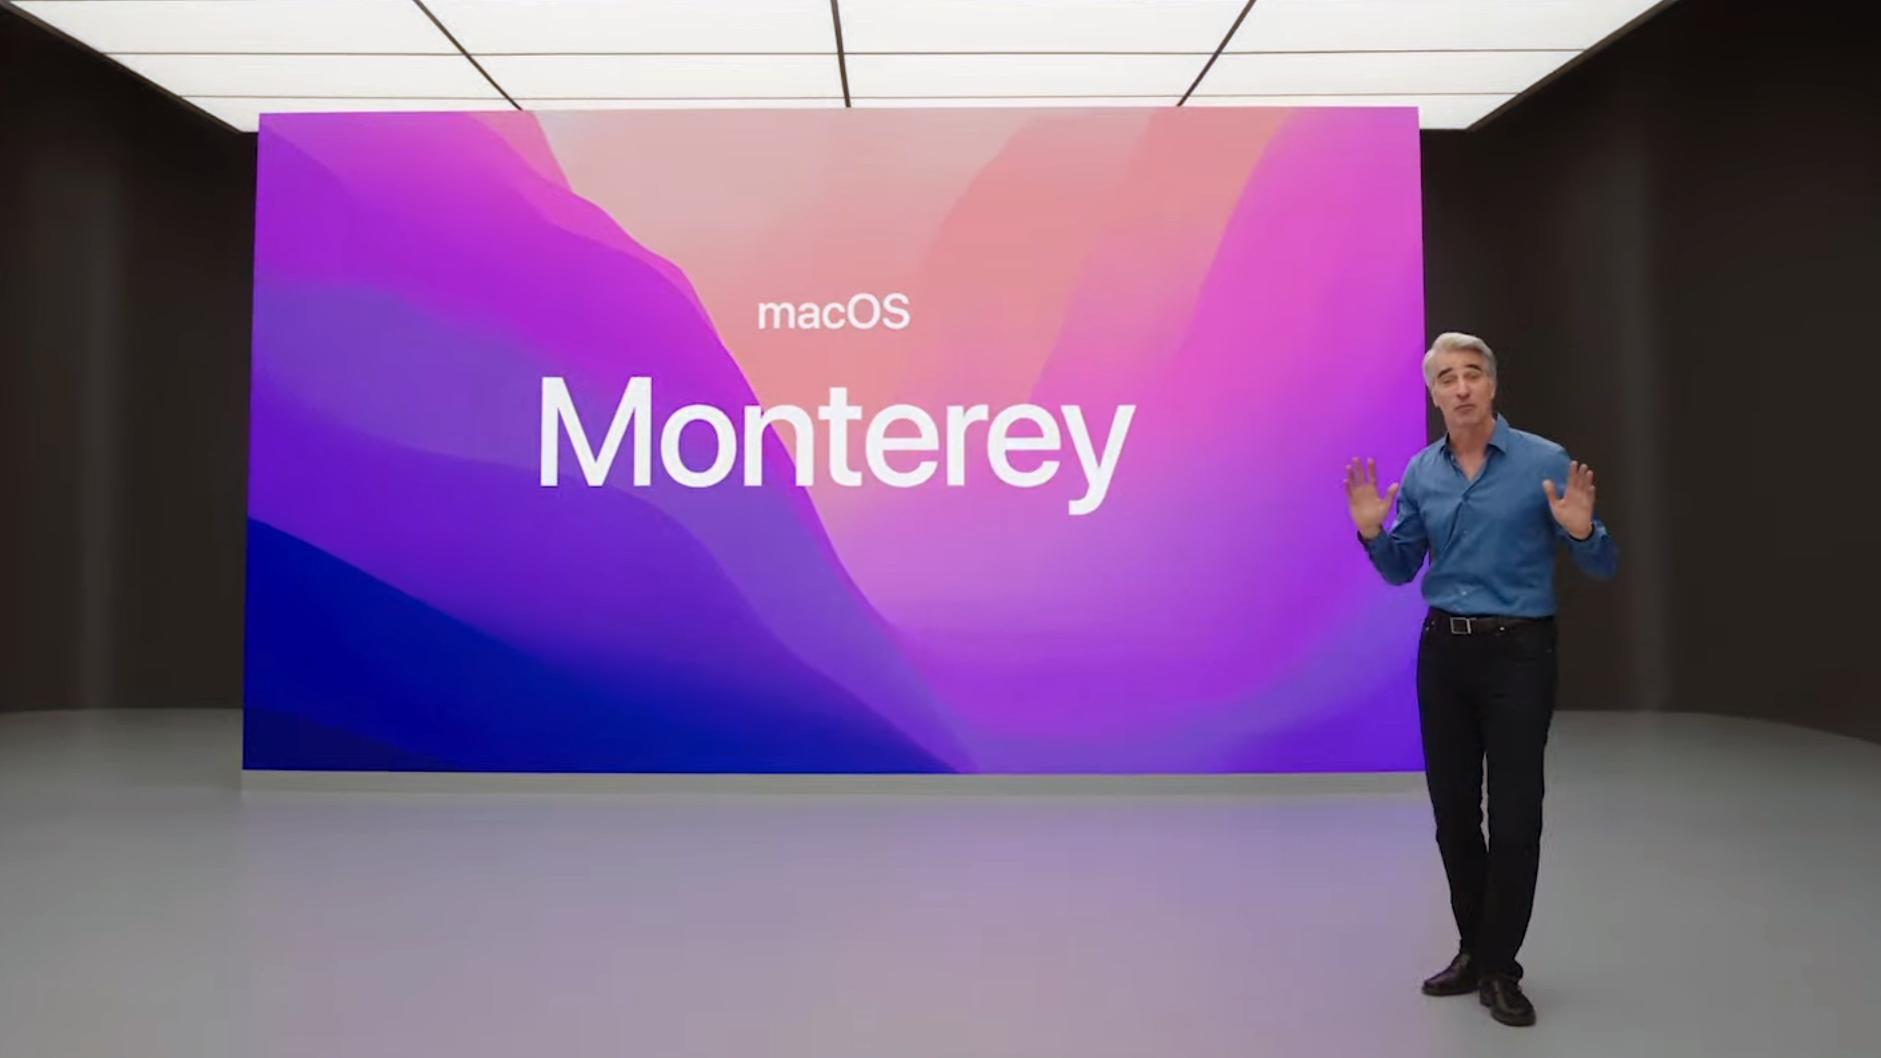 Datoen spikret: nye MacOS kommer neste uke